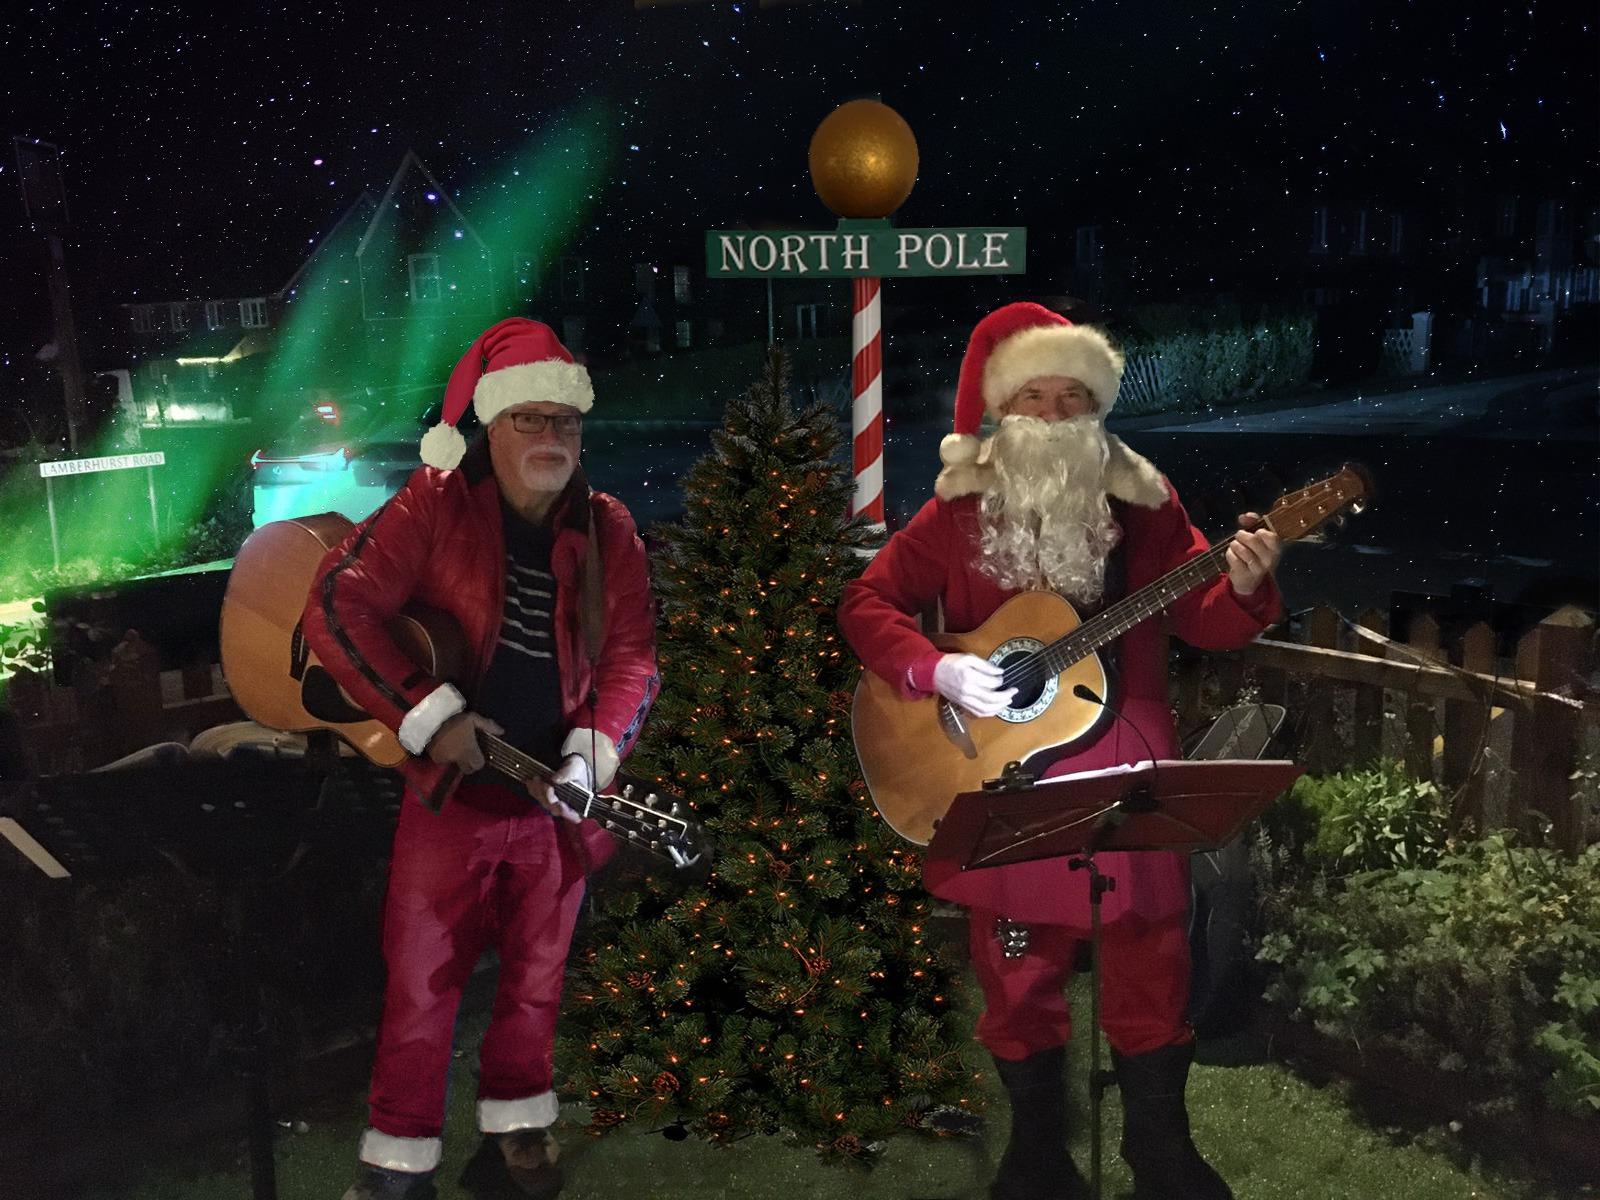 Singing Santas at the North Pole